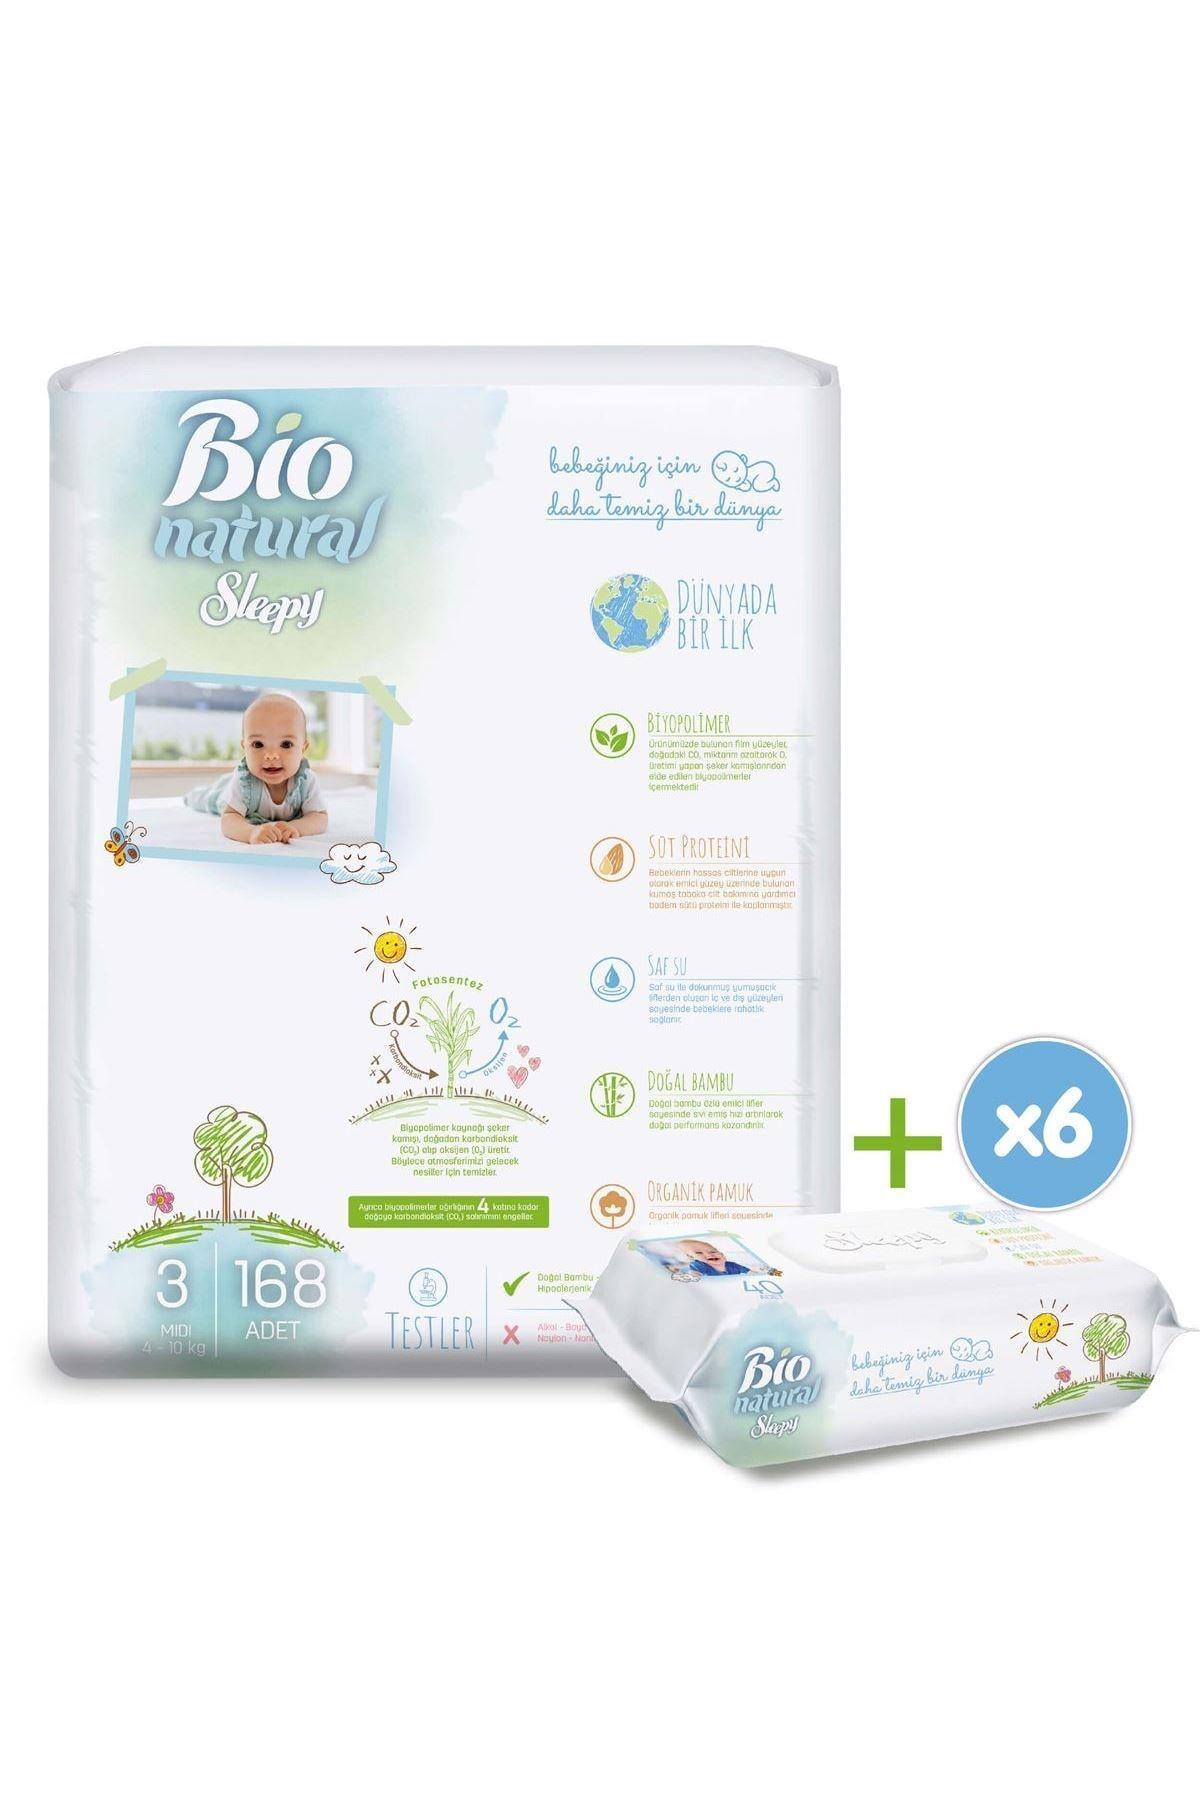 Sleepy Bio Natural Bebek Bezi 3 Numara Midi 168 Adet + 6x40 Bio Natural Islak Havlu 2